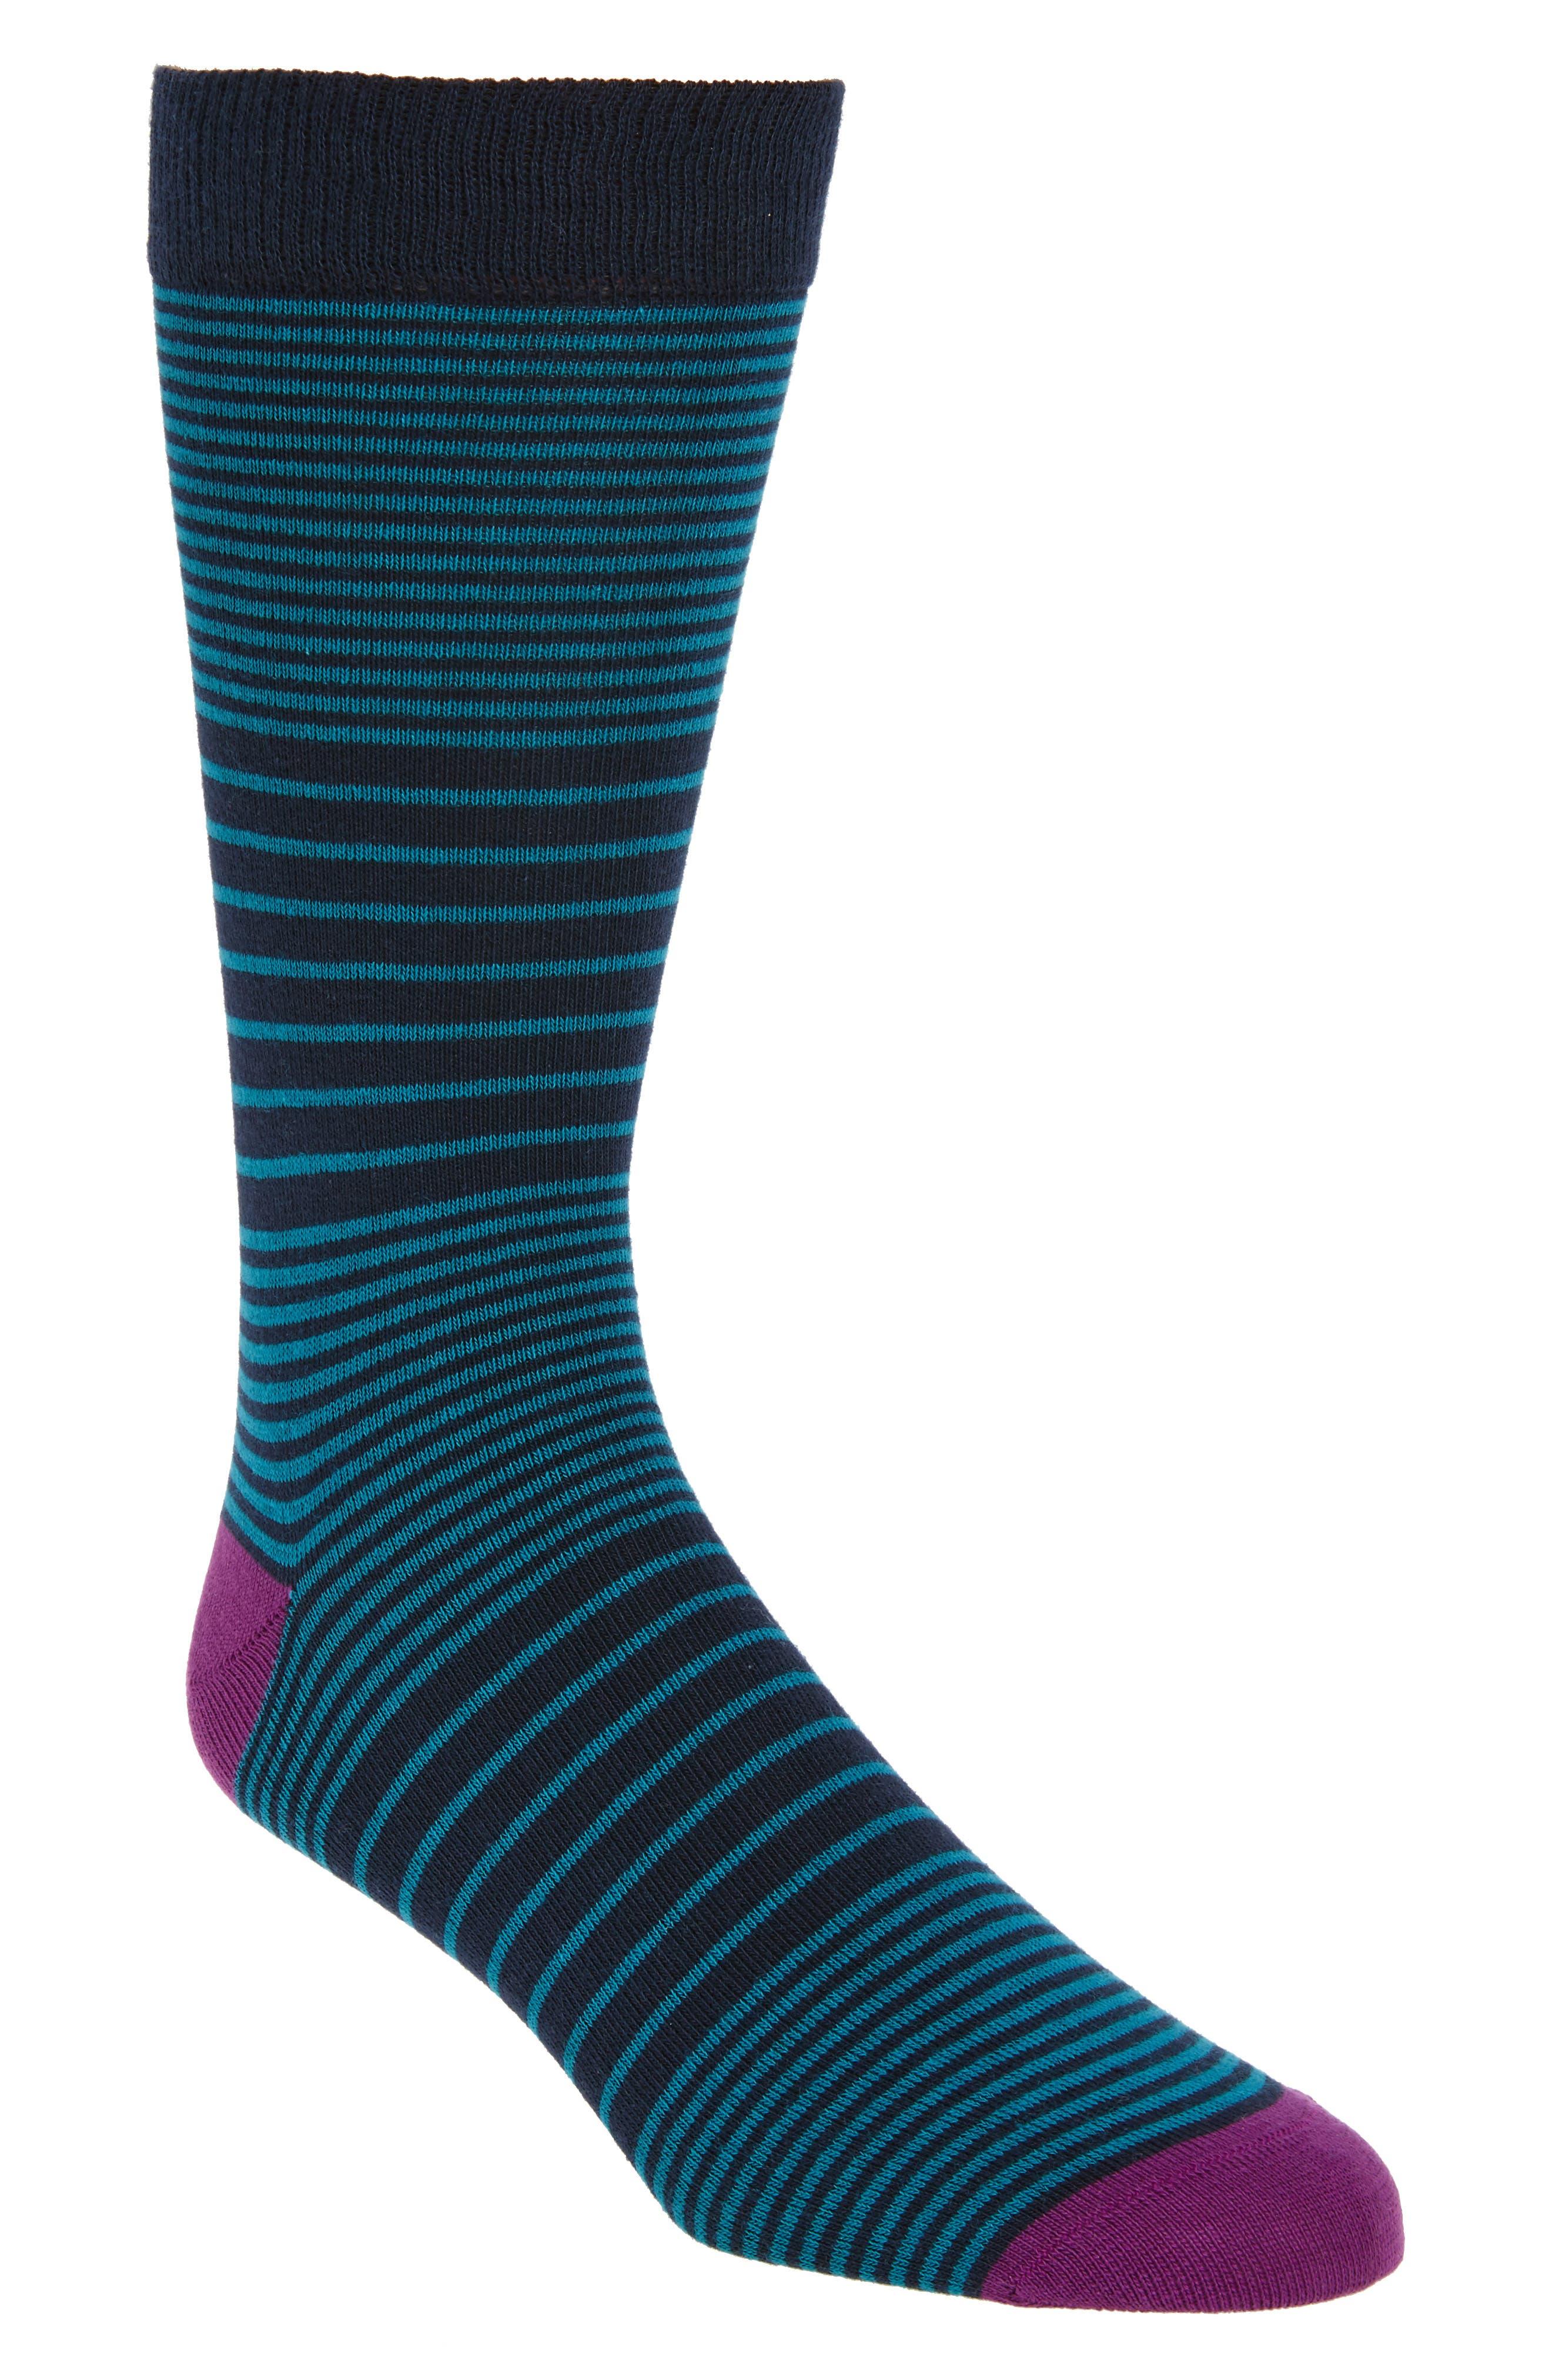 Multi Stripe Socks,                         Main,                         color, Teal/ Navy